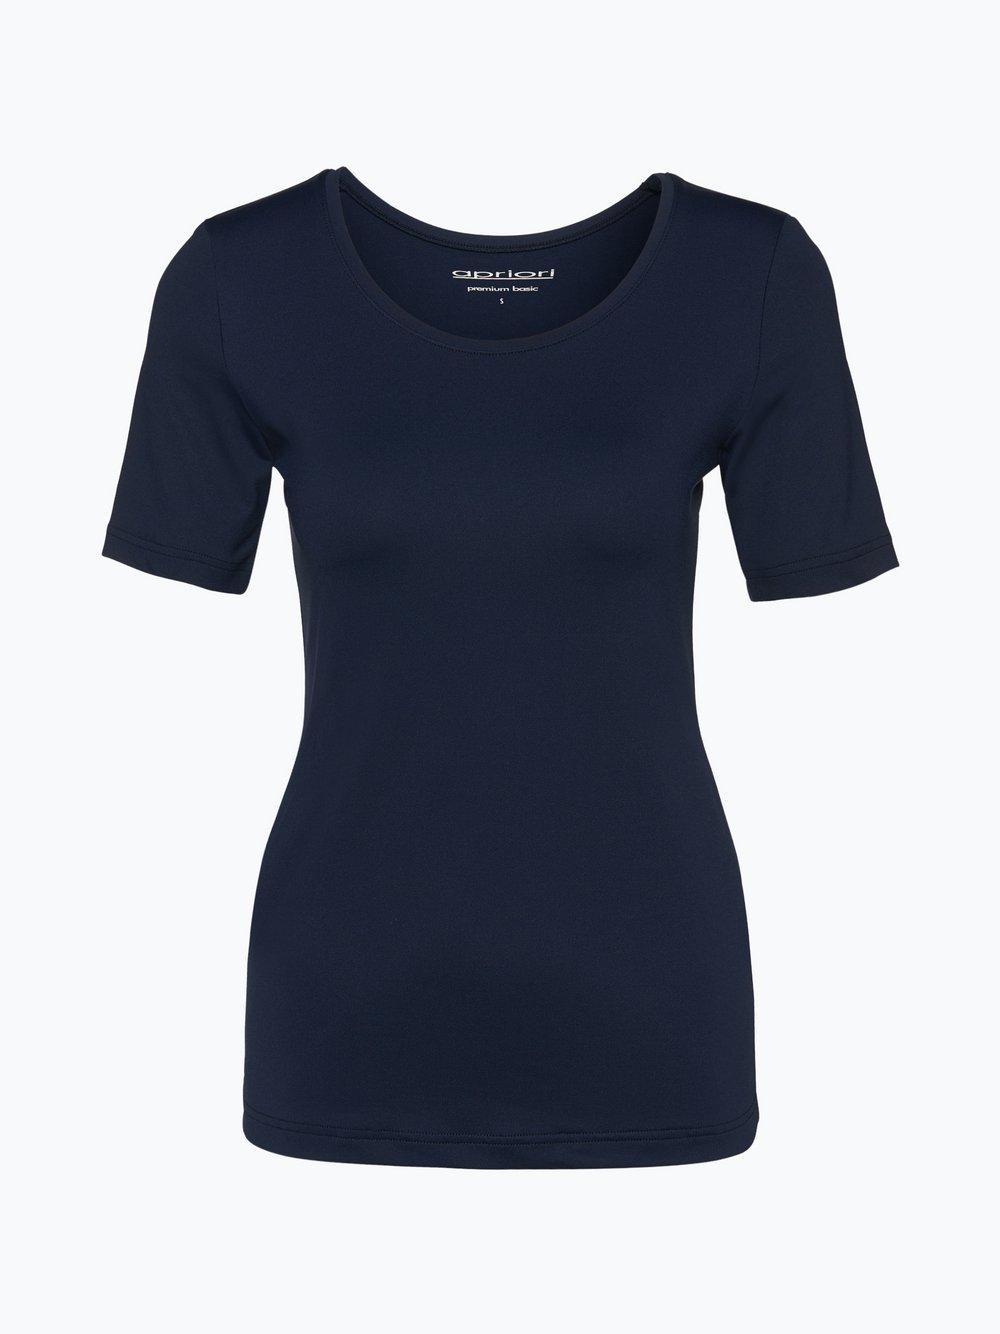 Apriori - T-shirt damski, niebieski Apriori